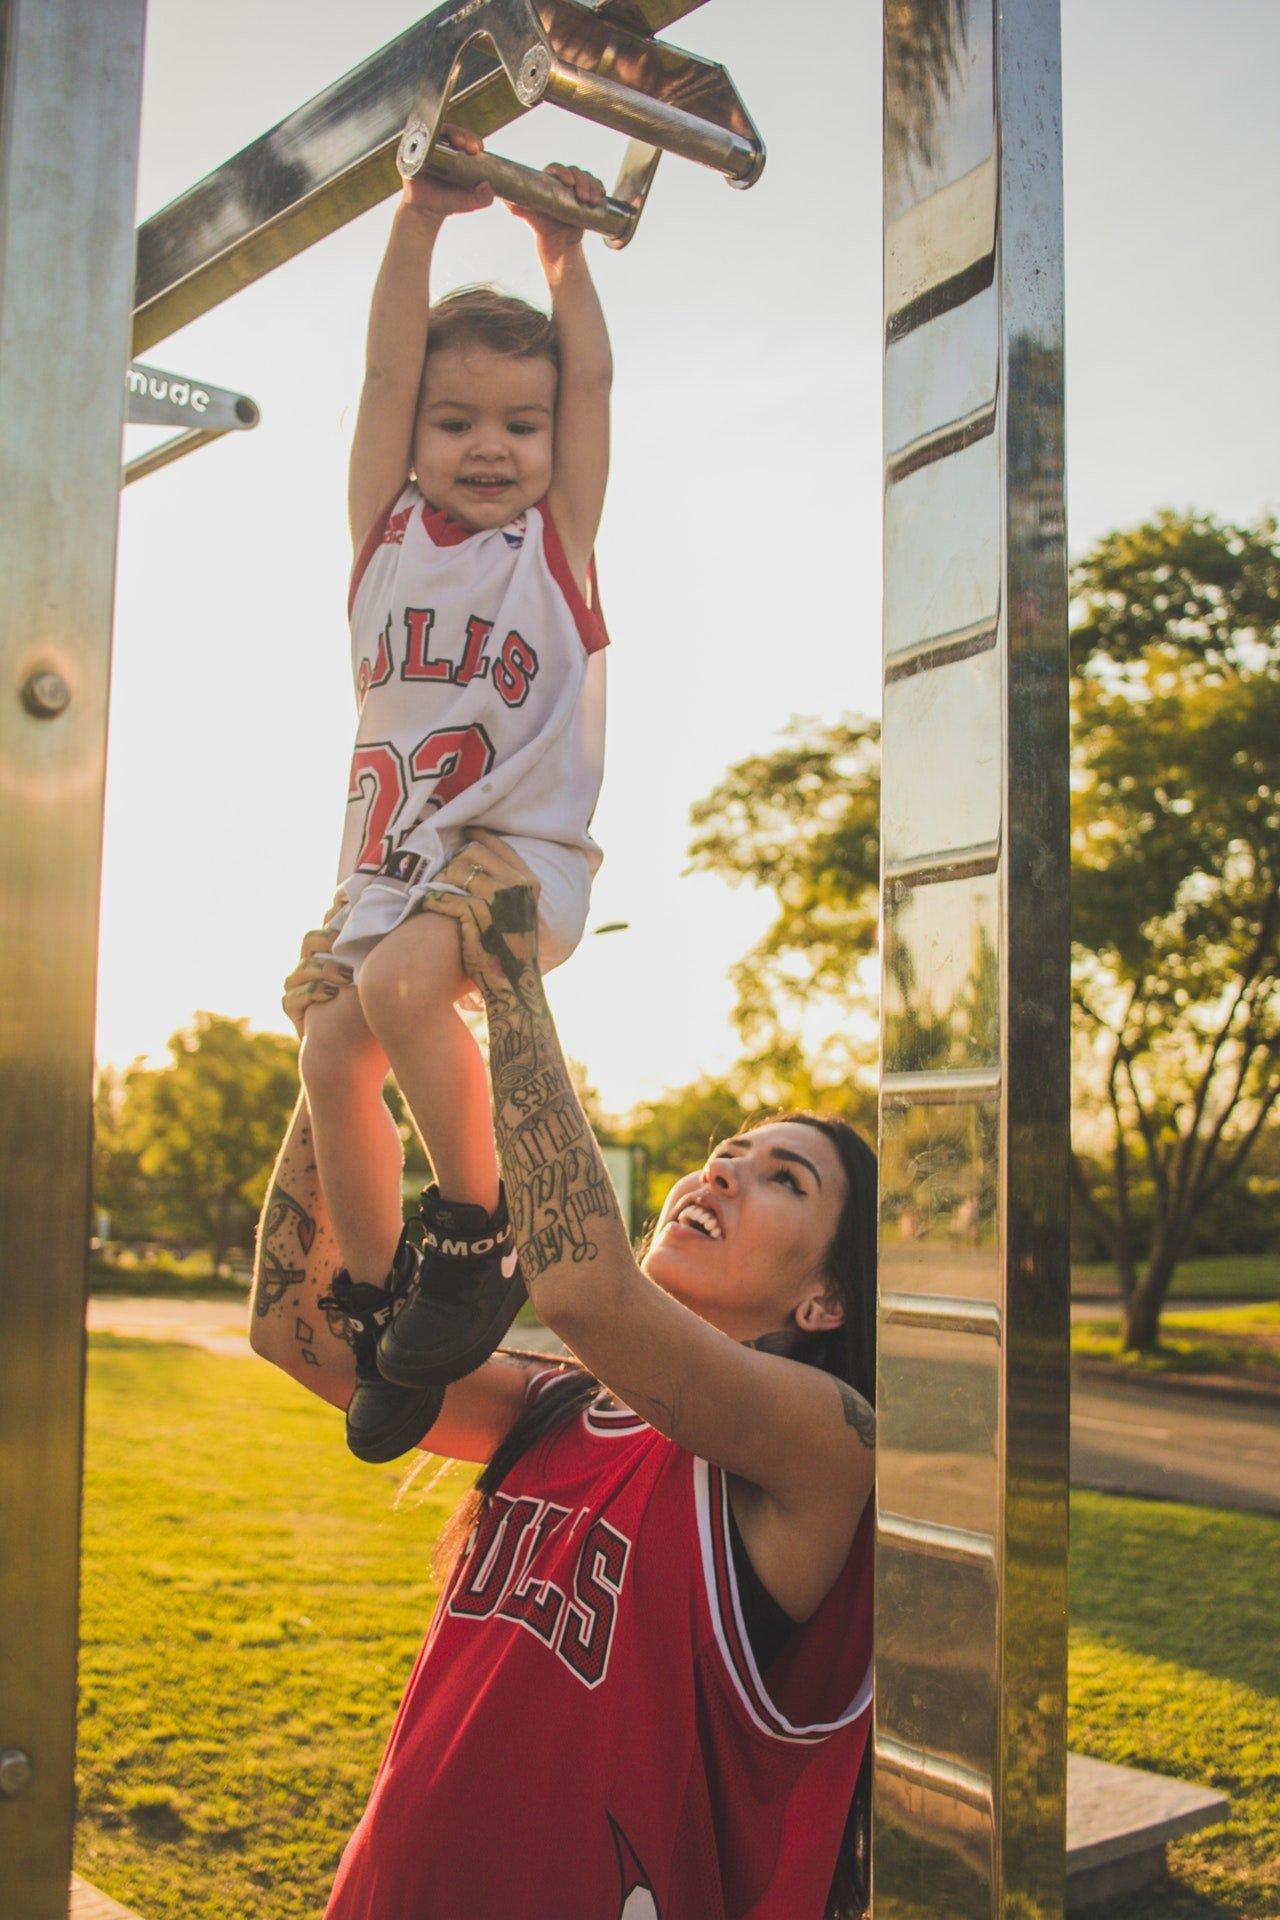 Mulher segurando bebê para o alto pelas pernas, para que ele consiga alcançar um equipamento de ginástica no alto. Ambos usam uniforme de time de basquete.